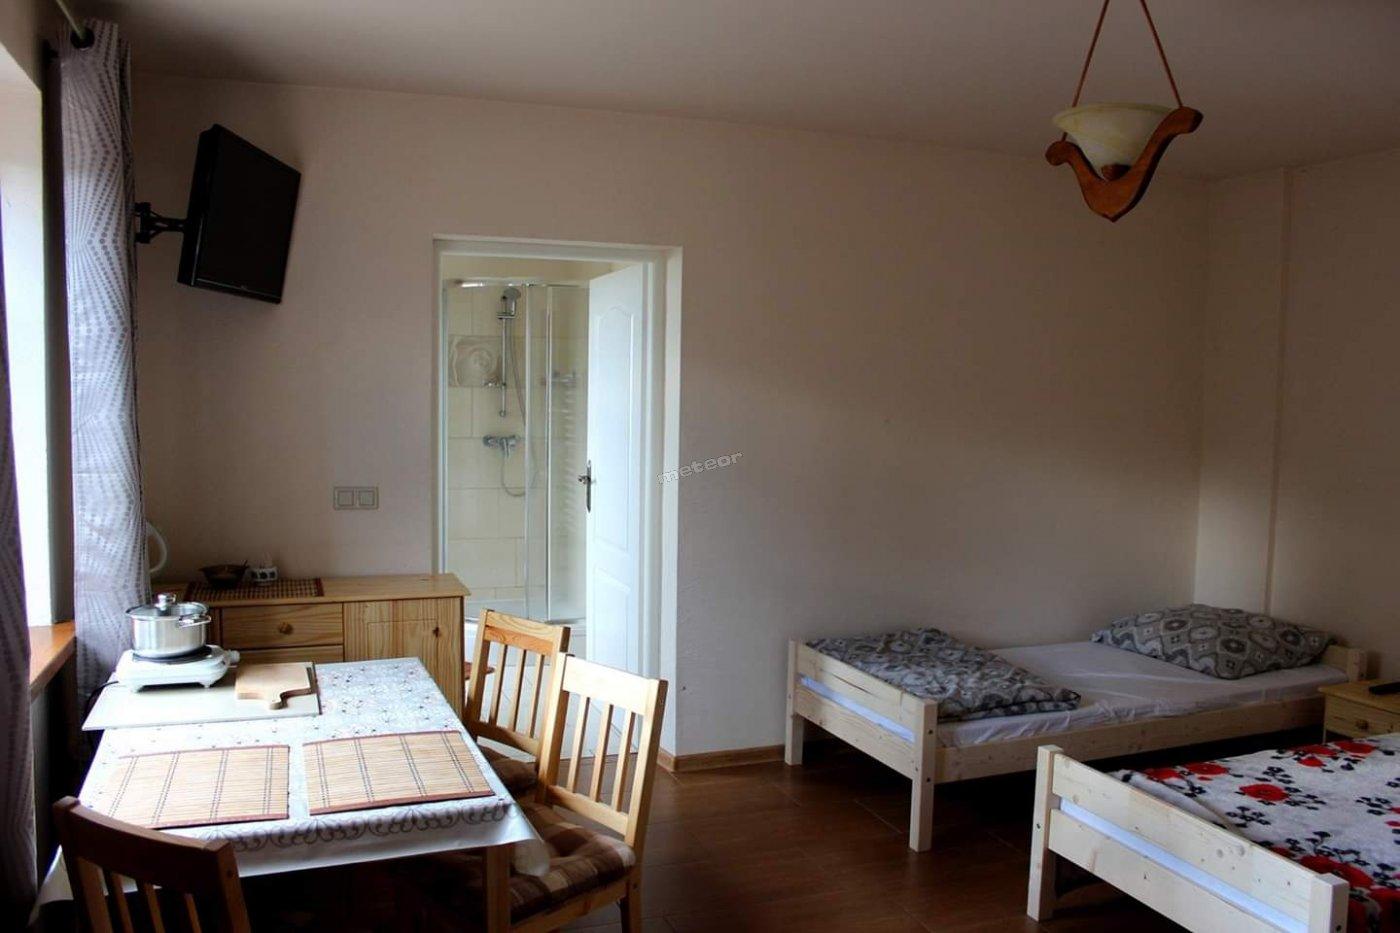 Pokój 1-3 osobowy z łazienką i mini aneksem kuchennym (lodówka, mikrofalówka, czajnik,płyta grzewcza)